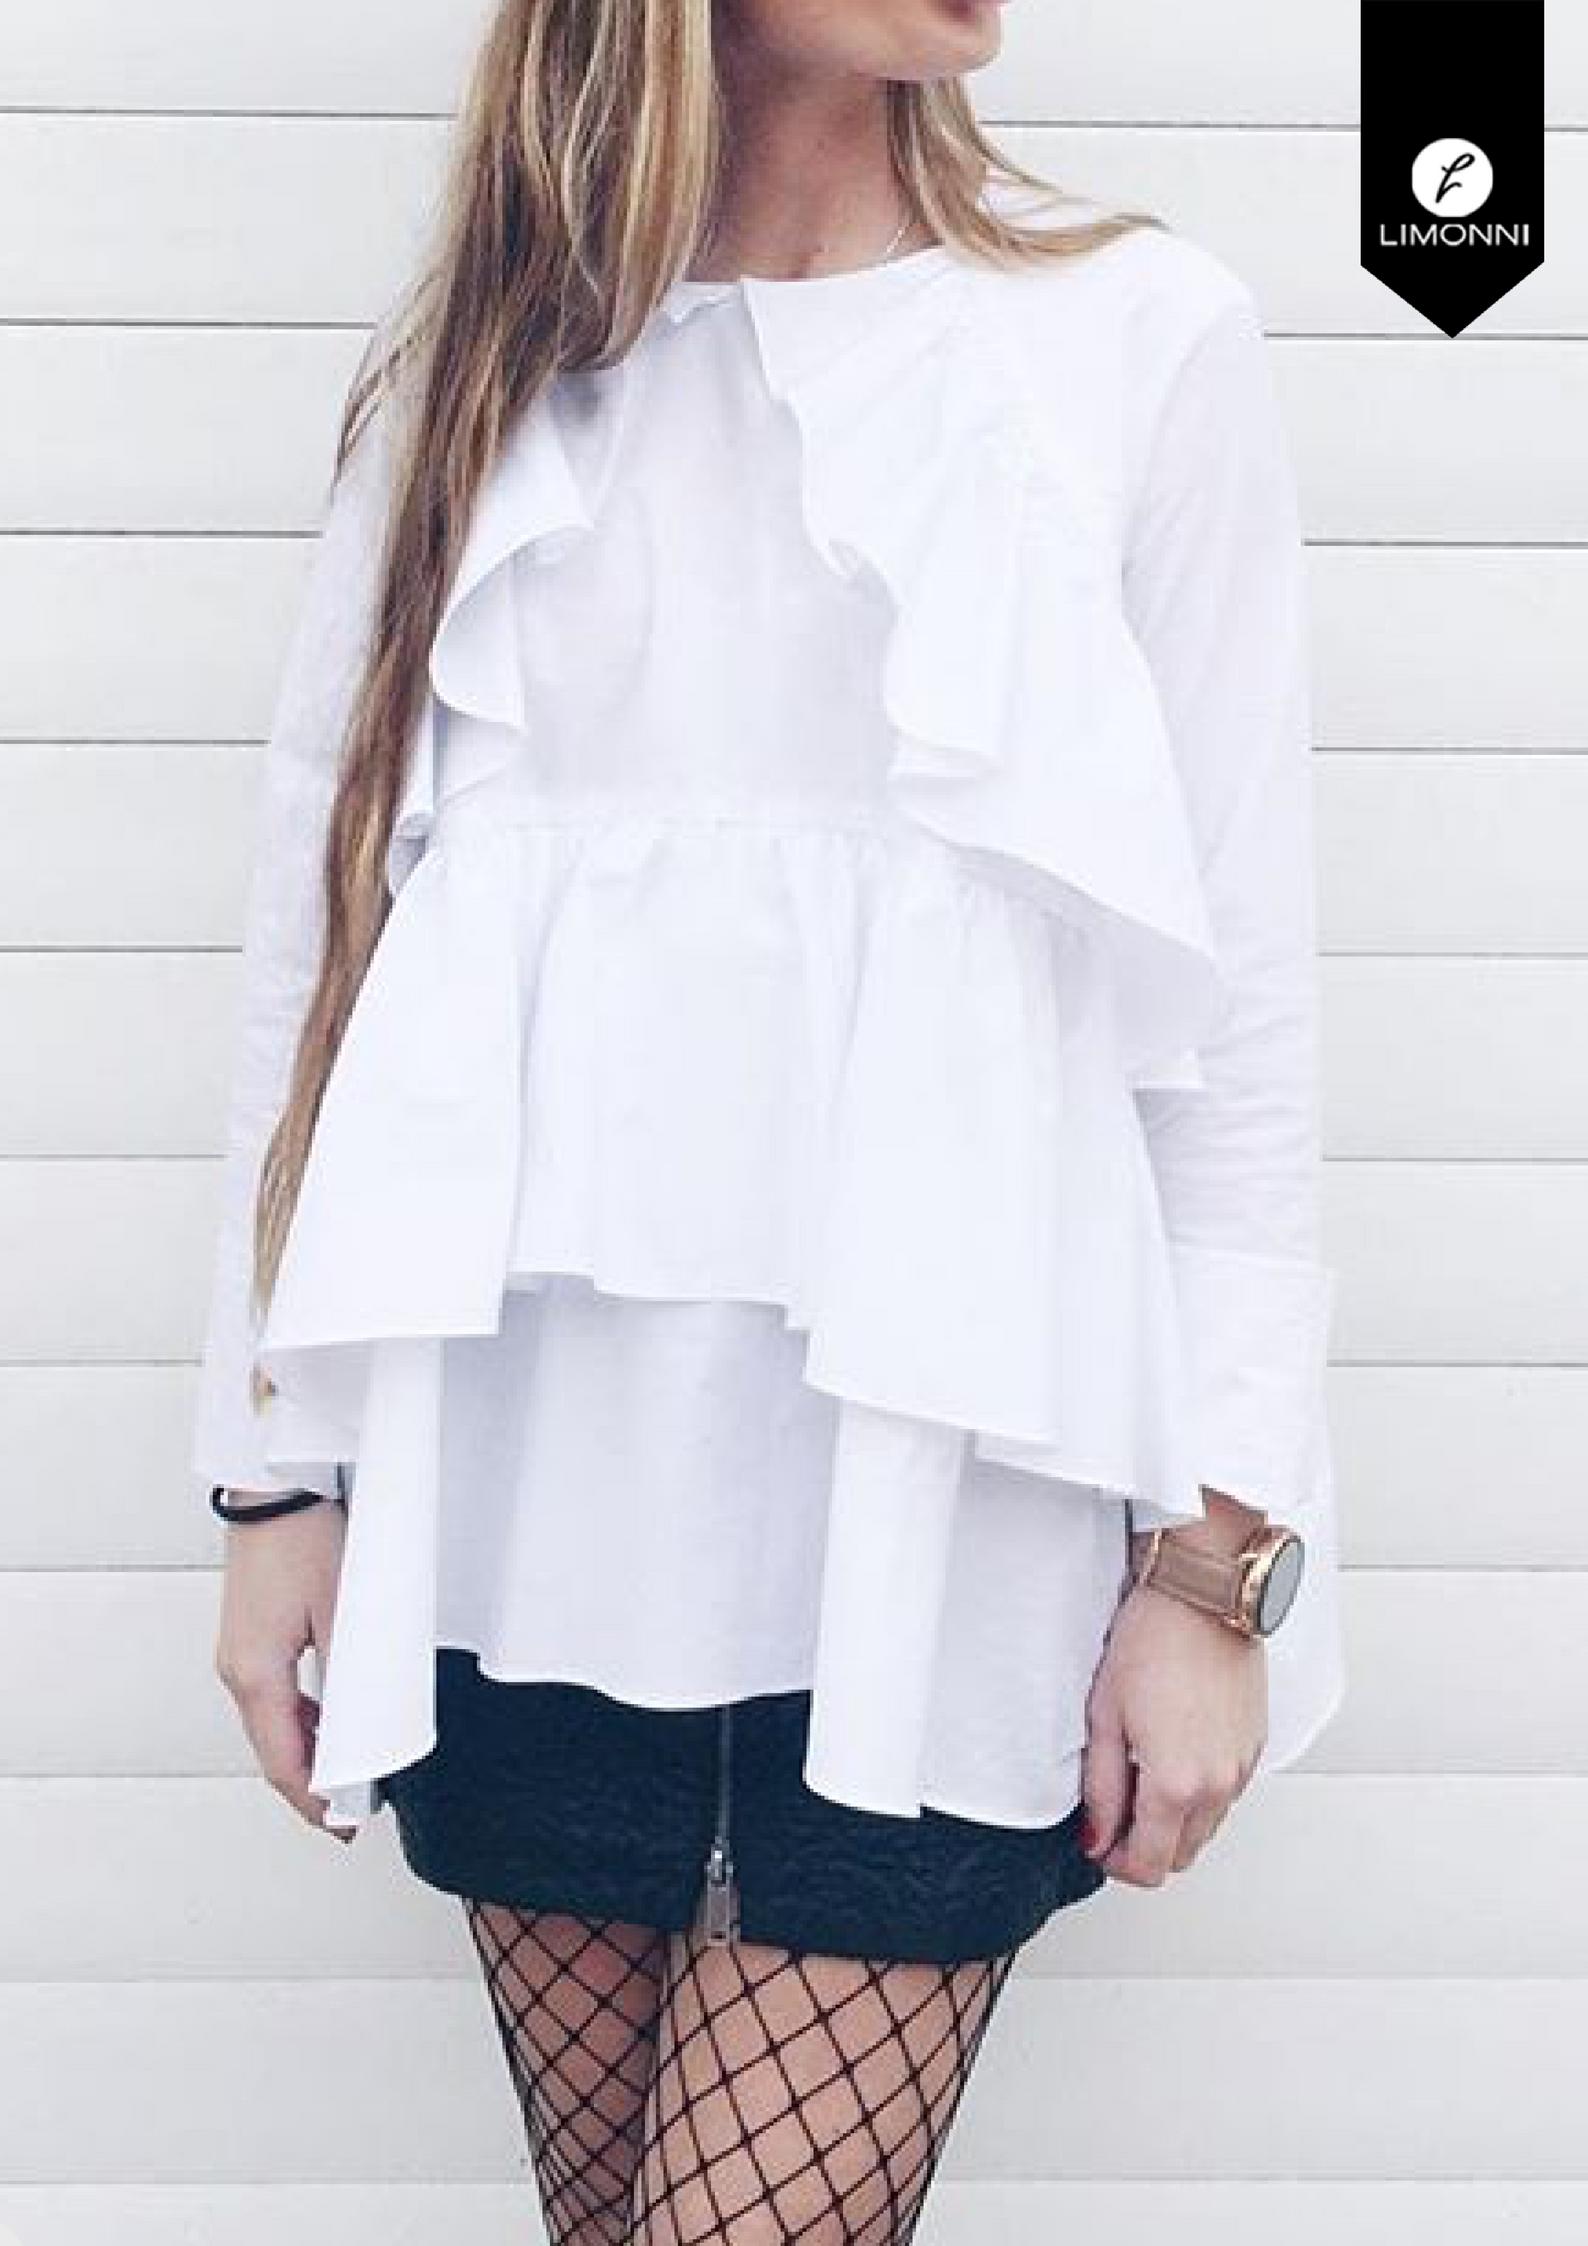 Blusas para mujer Limonni Novalee LI1558 Casuales